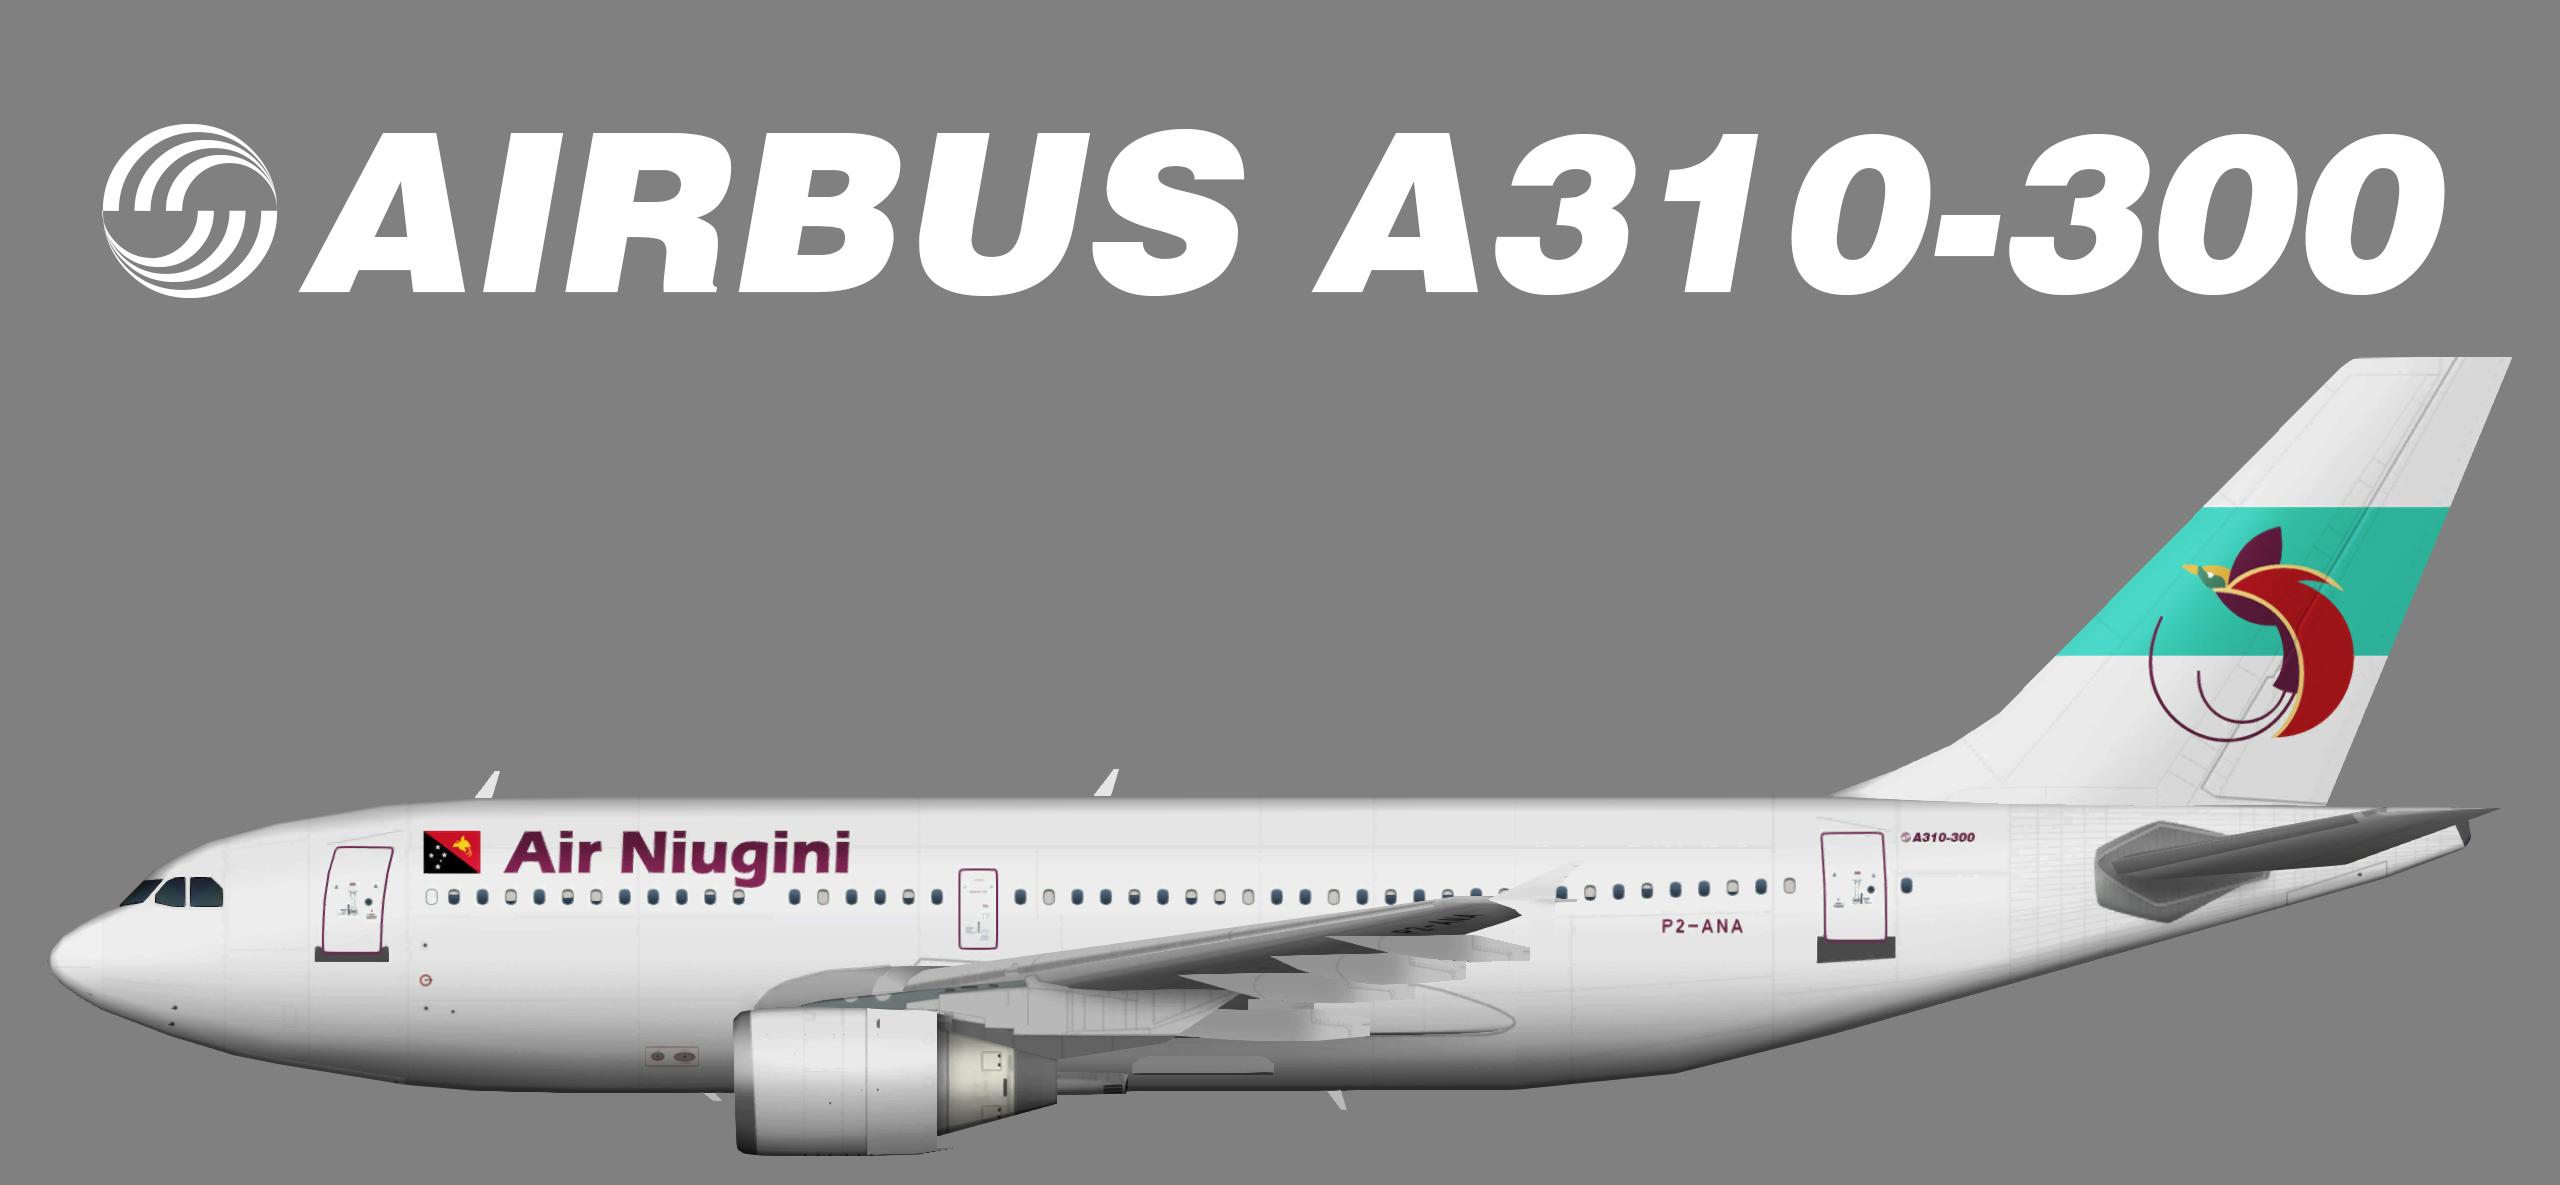 Air Niugini Airbus A310-300